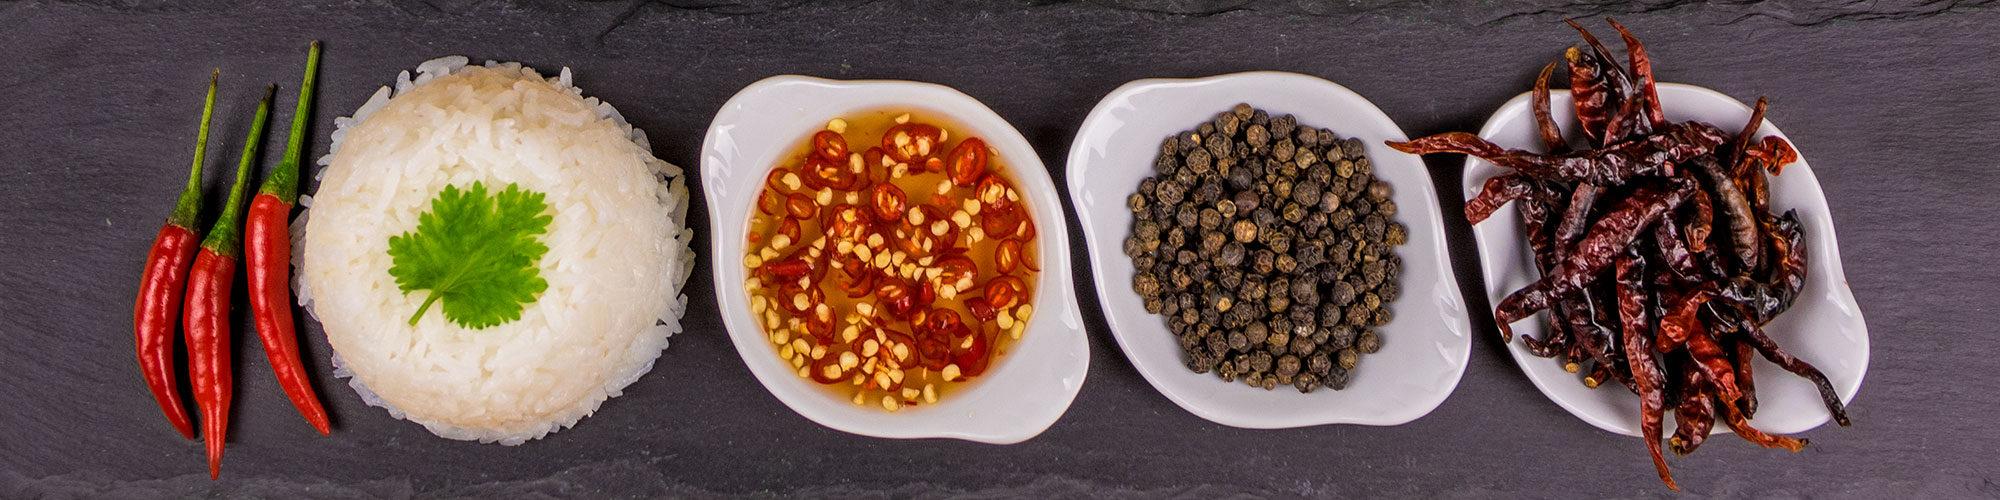 Bild mit Reis, Chilisoße und Gewürzen aus der thailändischen Küche